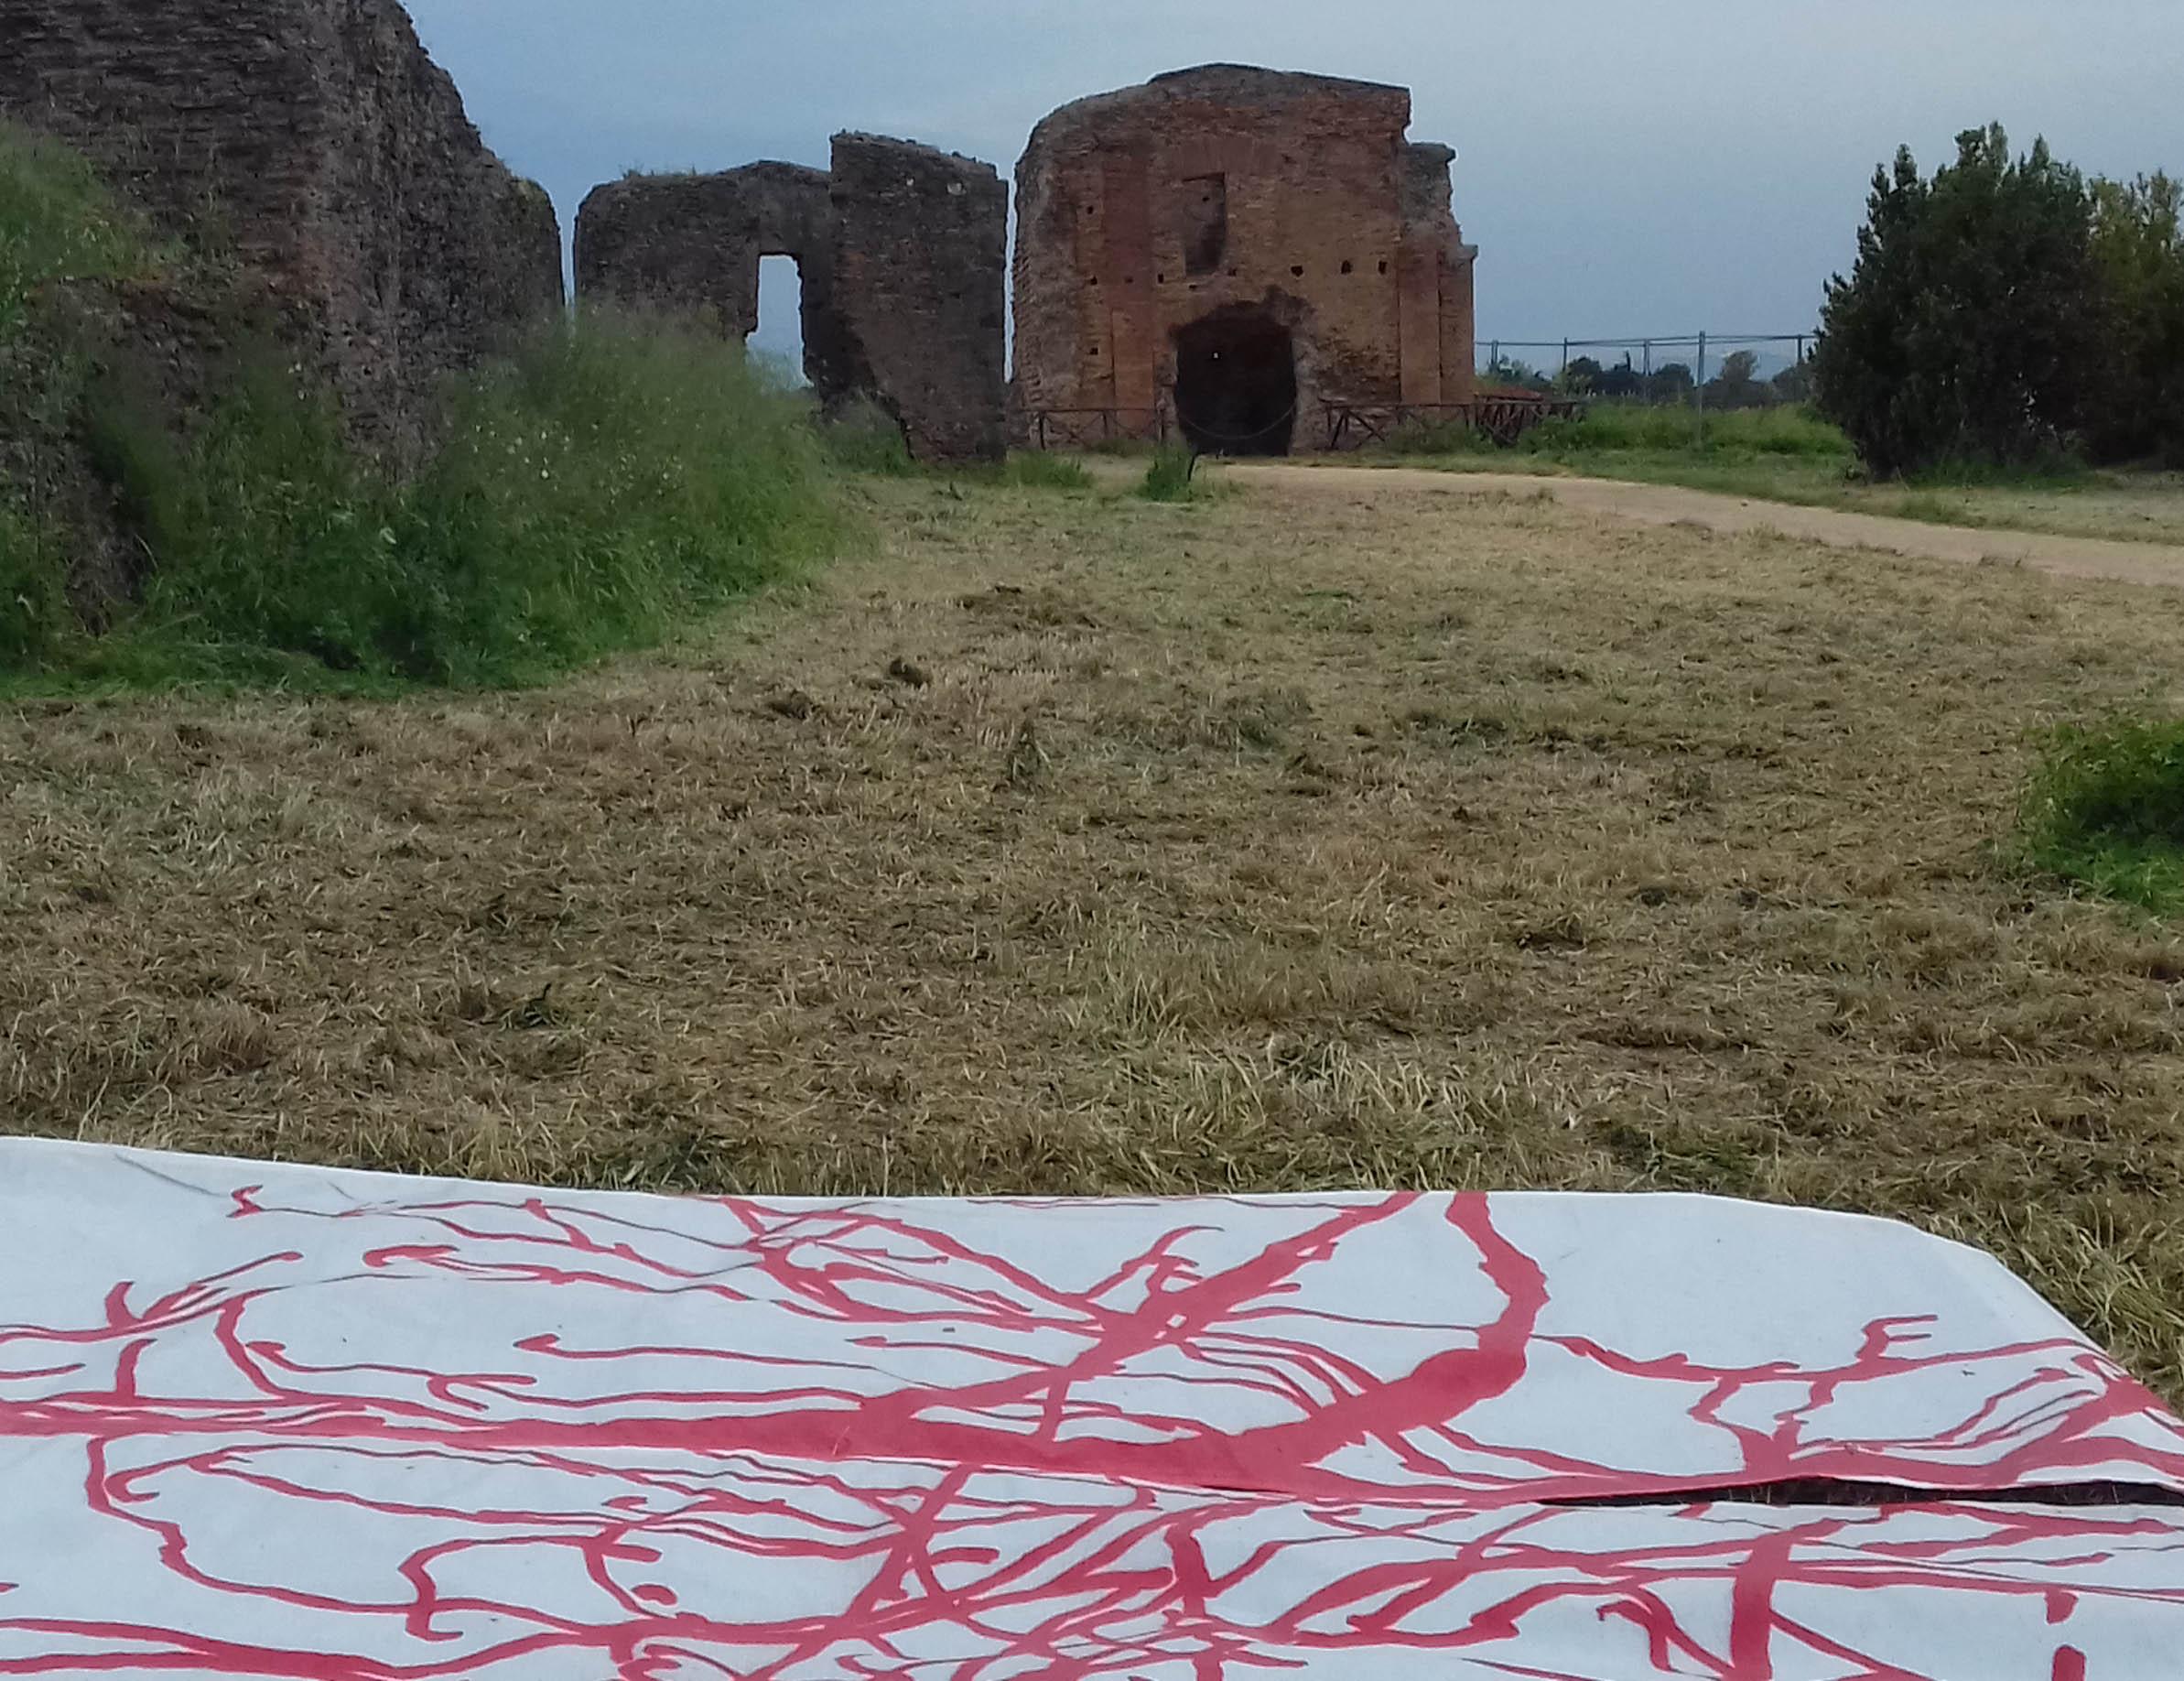 La mostra Ailanto<3 nella Villa dei Quintili è prorogata sino al 29 settembre